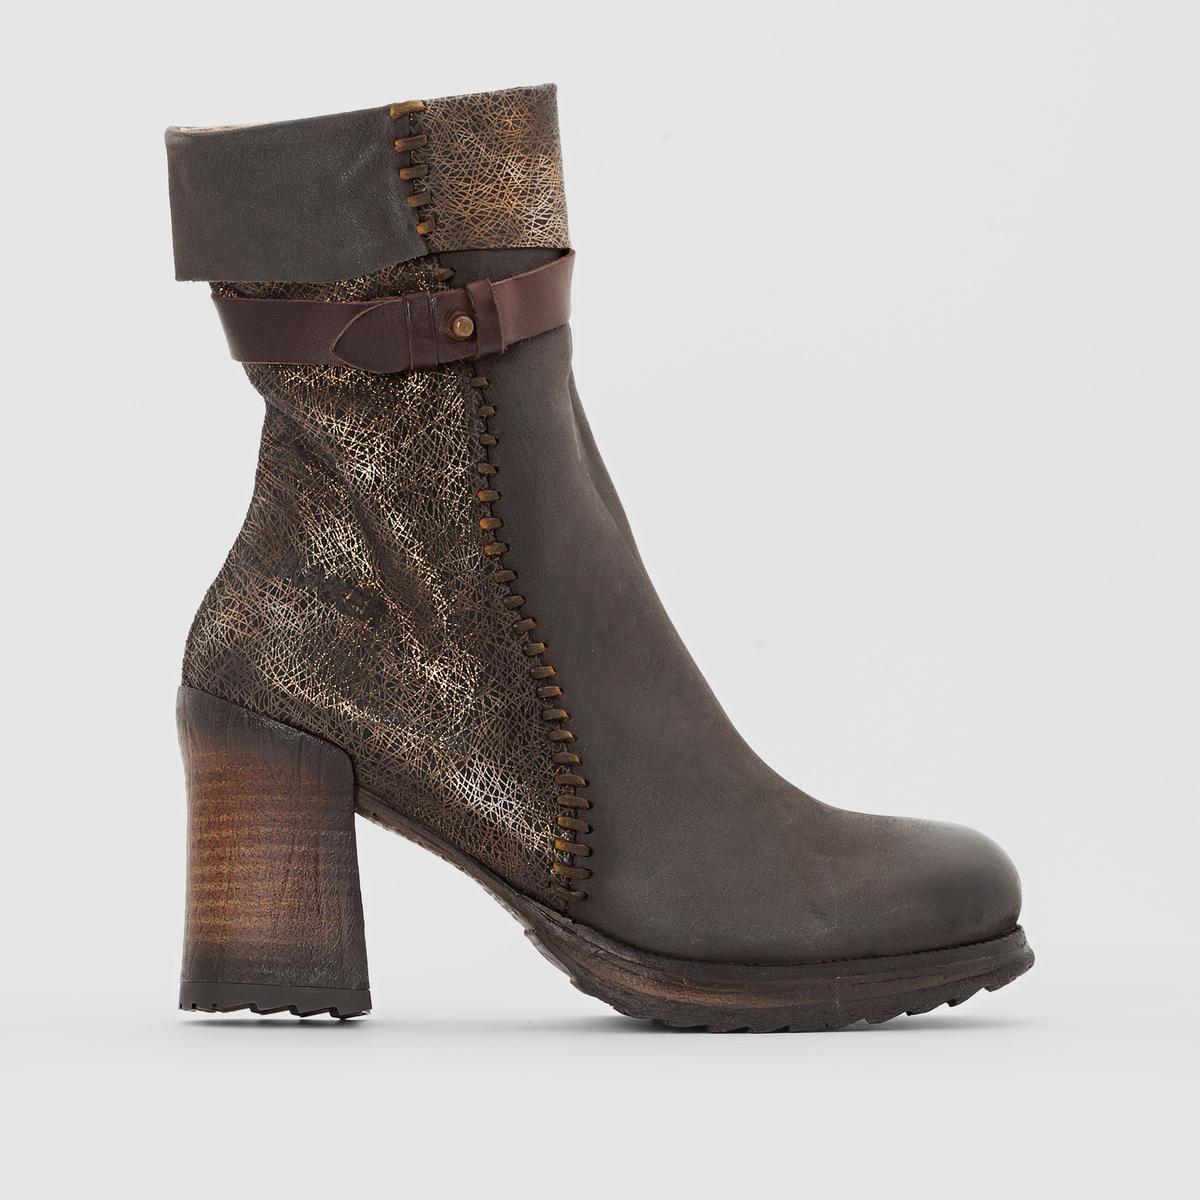 Ботильоны с ремешком FANNYПодкладка : Кожа             Стелька : Кожа    Подошва : каучук.                        Высота каблука : 9 см.   Высота голенища  : 24 см   Форма каблука : широкая  Носок : Закругленный.   Застежка : На молнии<br><br>Цвет: серо-коричневый,черный<br>Размер: 41